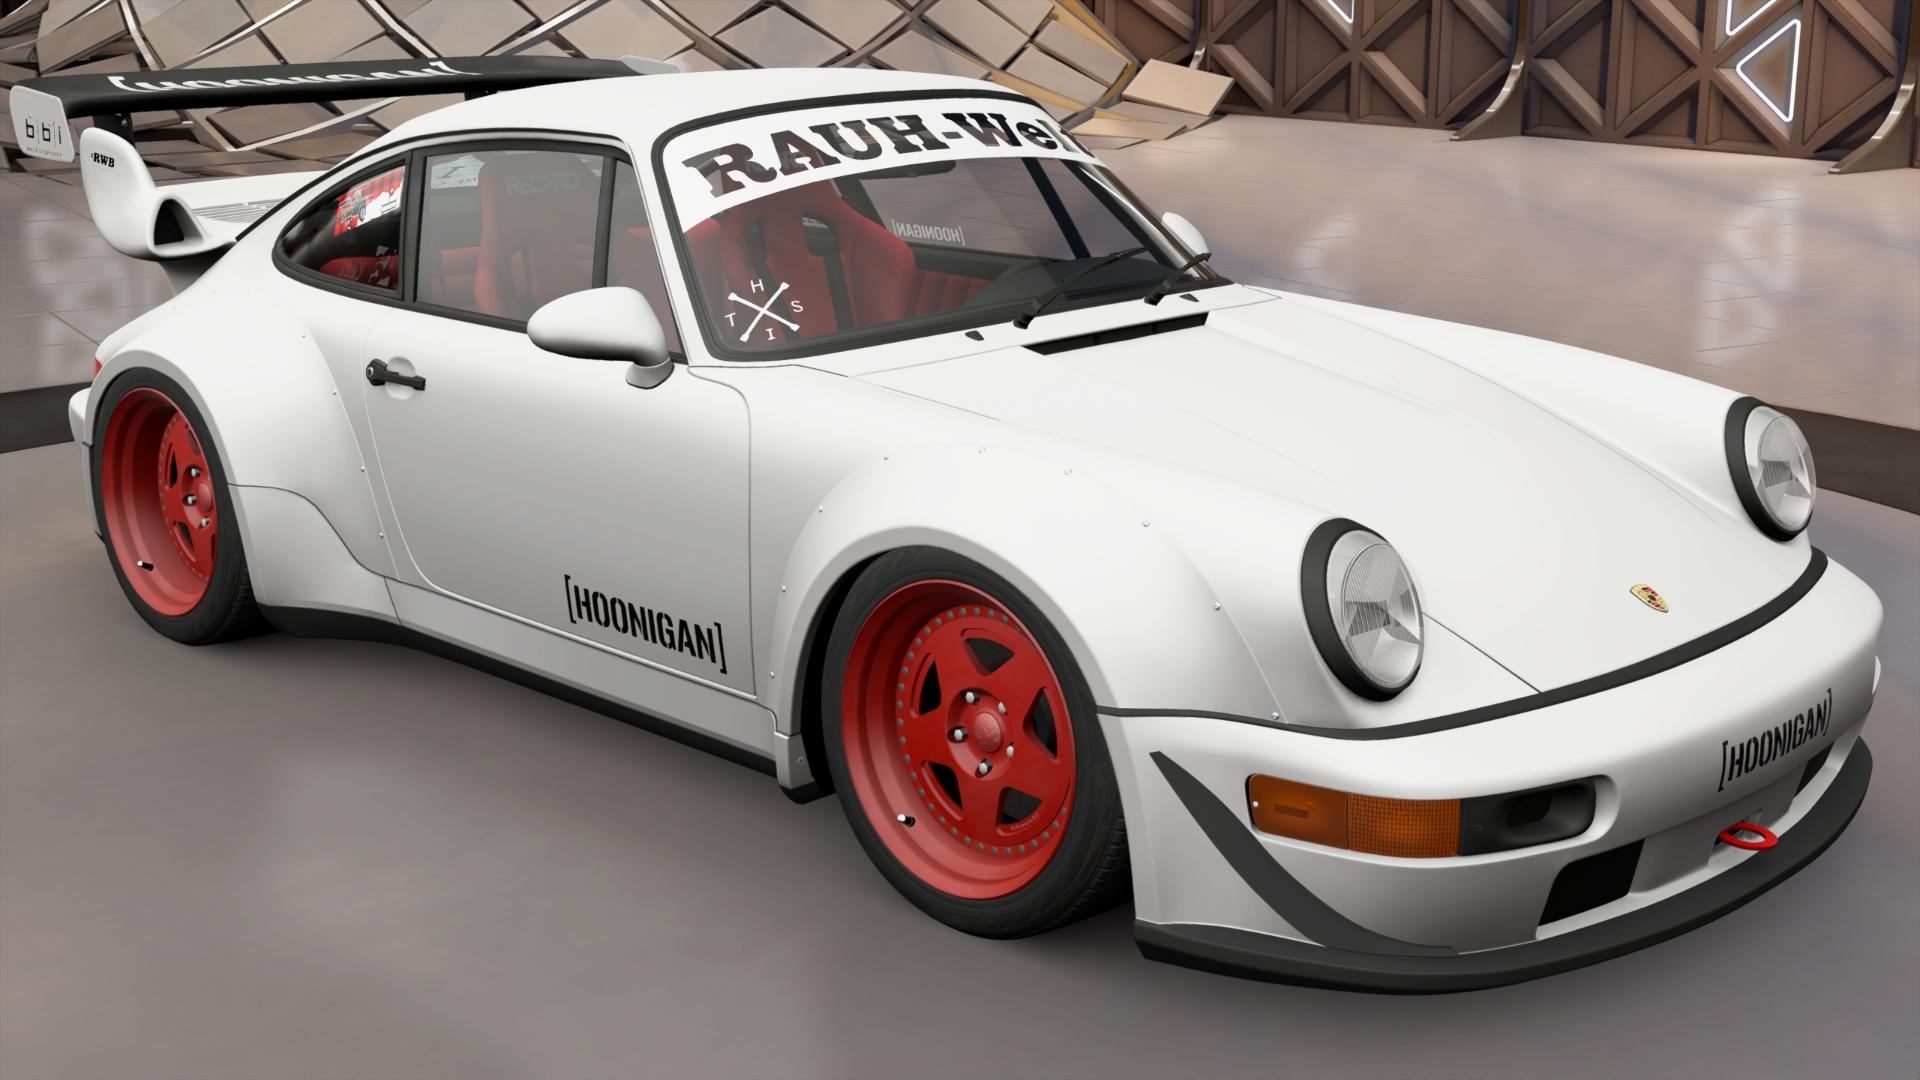 Hoonigan Rauh Welt Begriff Porsche 911 Turbo Forza Wiki Fandom